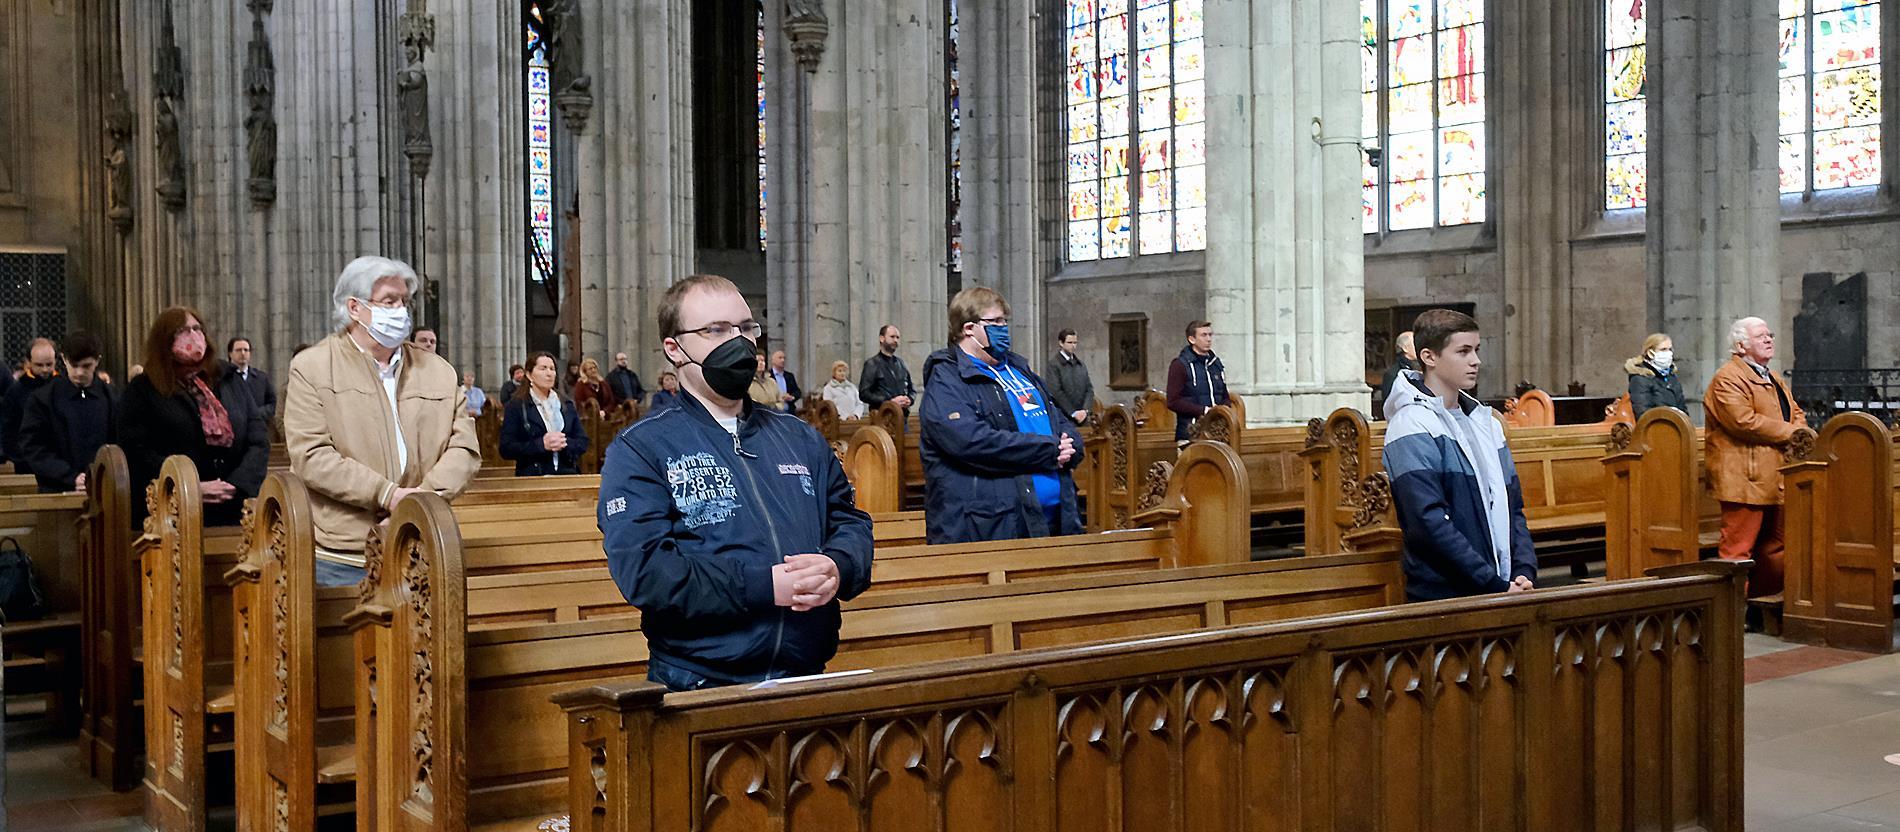 Priester Hinter Plexiglas Erstmals Wieder Messe Im Kolner Dom Katholisch De